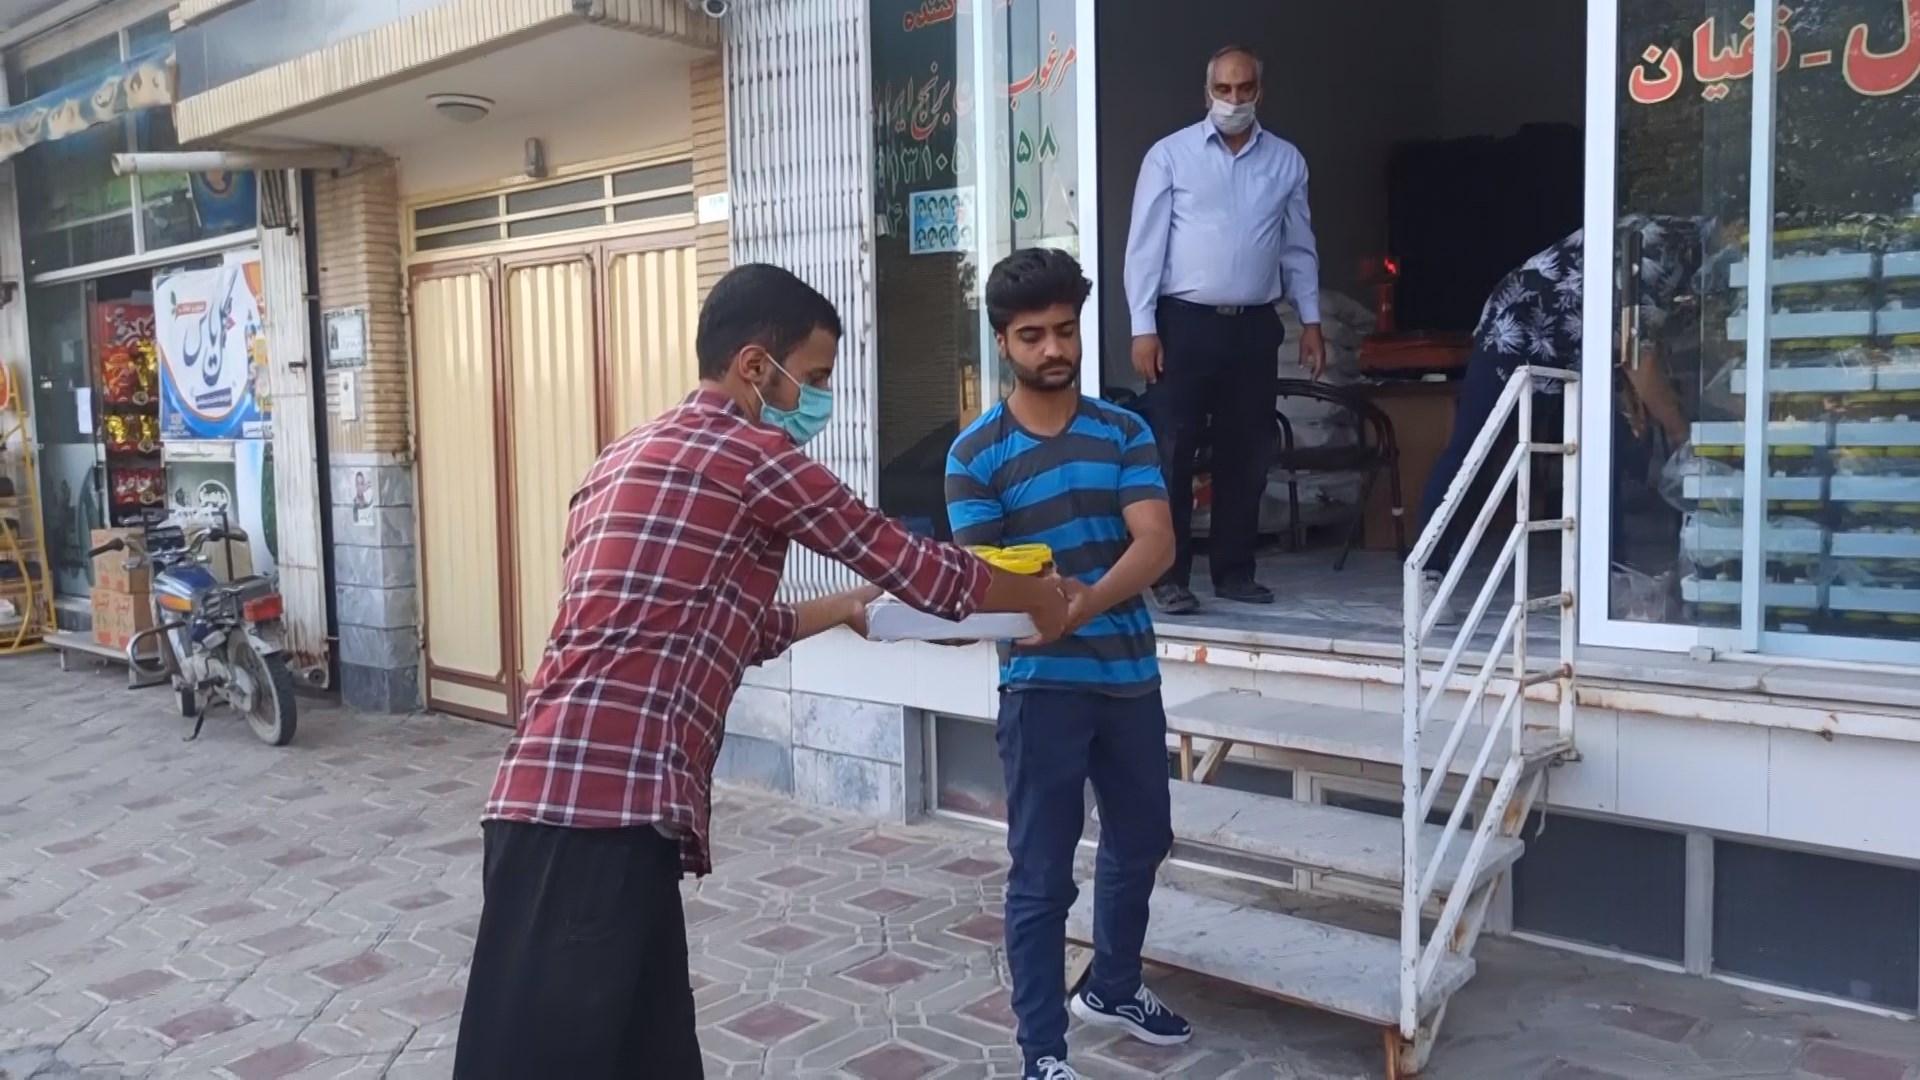 محمد رضا  نقیان مسئول ستاد غدیر :توزیع عسل میان نیازمندان شهر وزوان